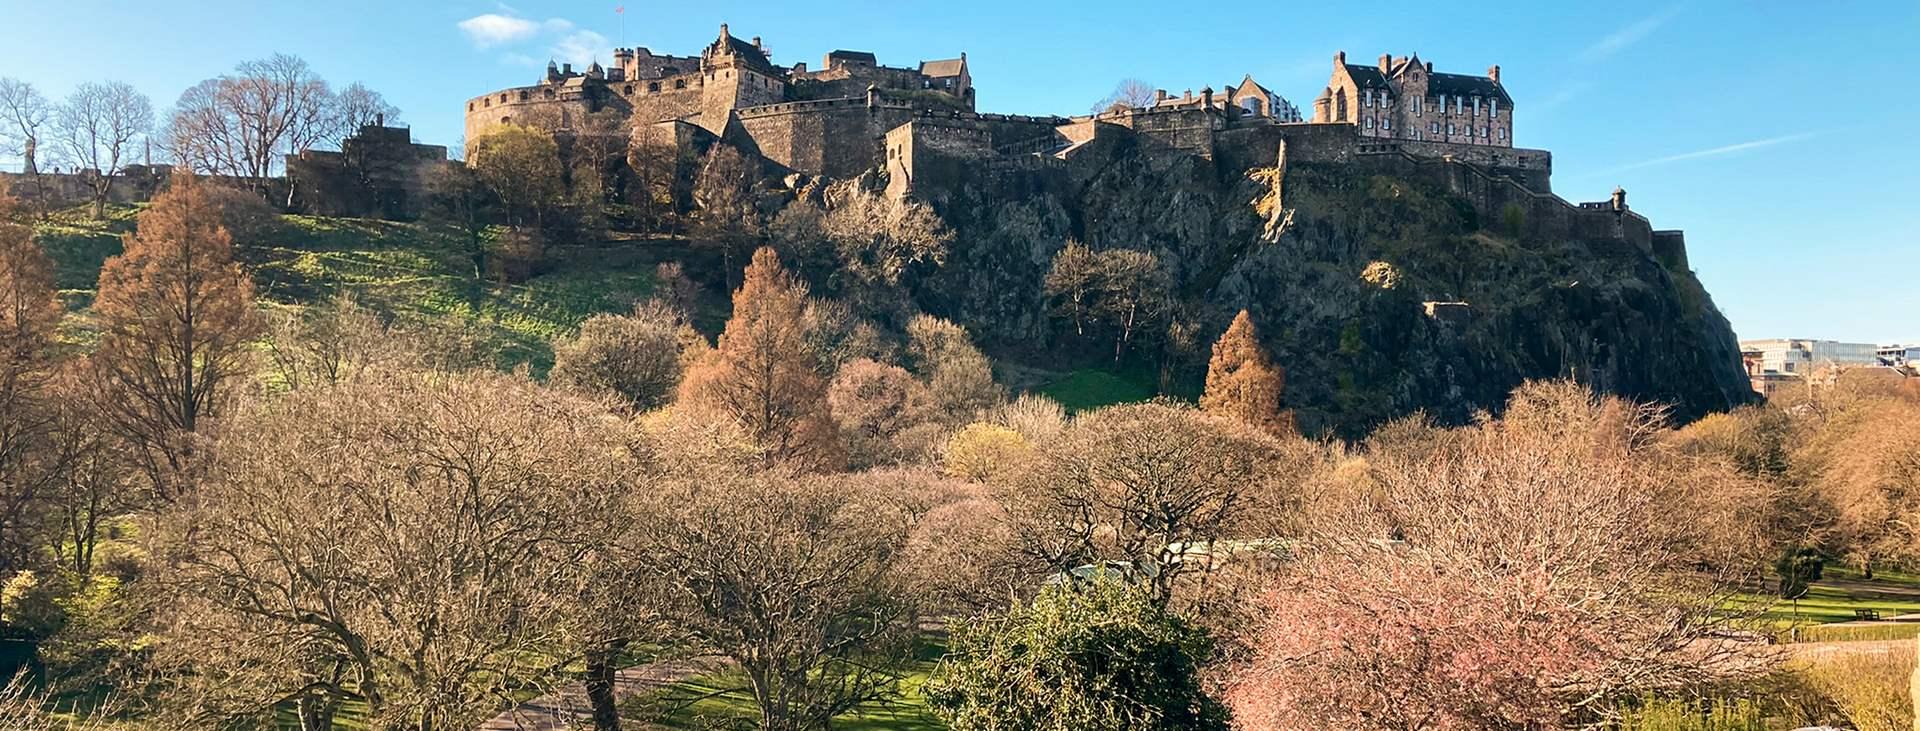 Opplev Skottland med Ving! Bestill en reise til Edinburgh